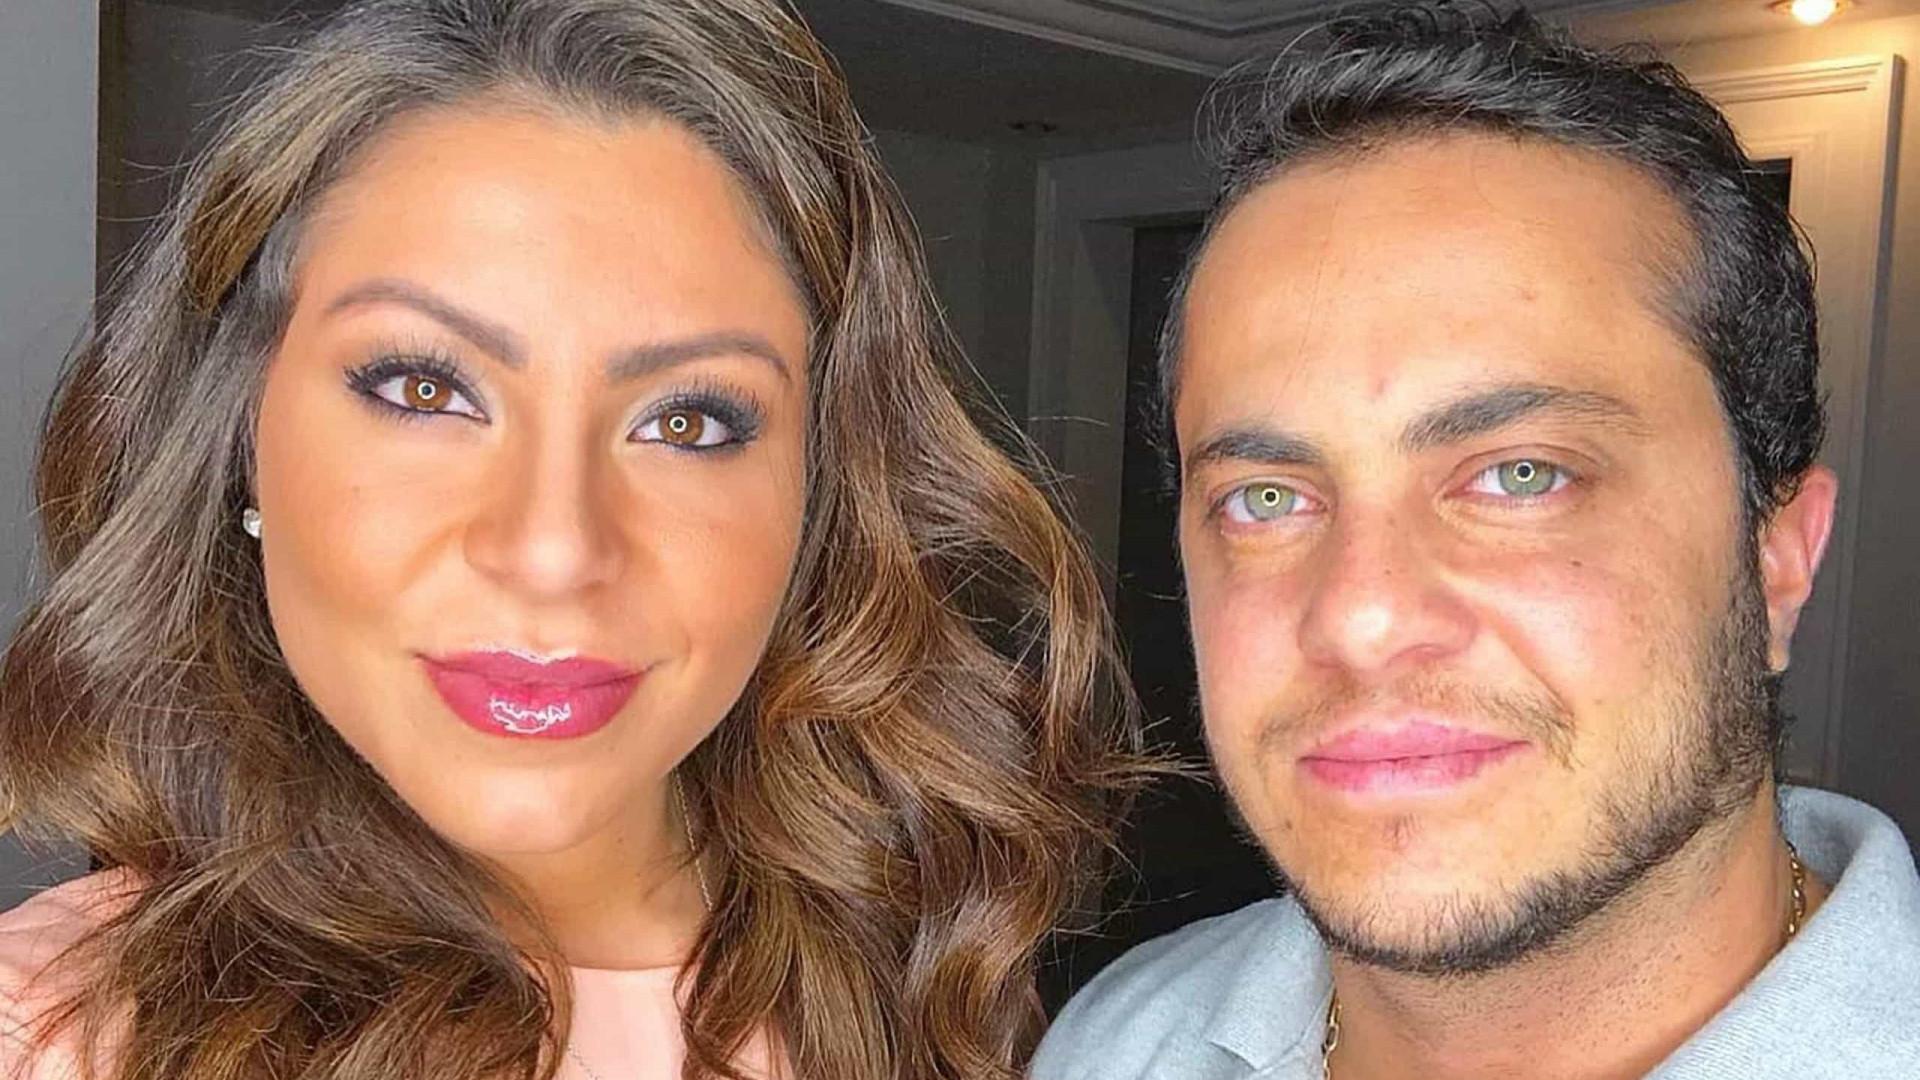 Nasce primeiro filho de Thammy Miranda e Andressa Ferreira